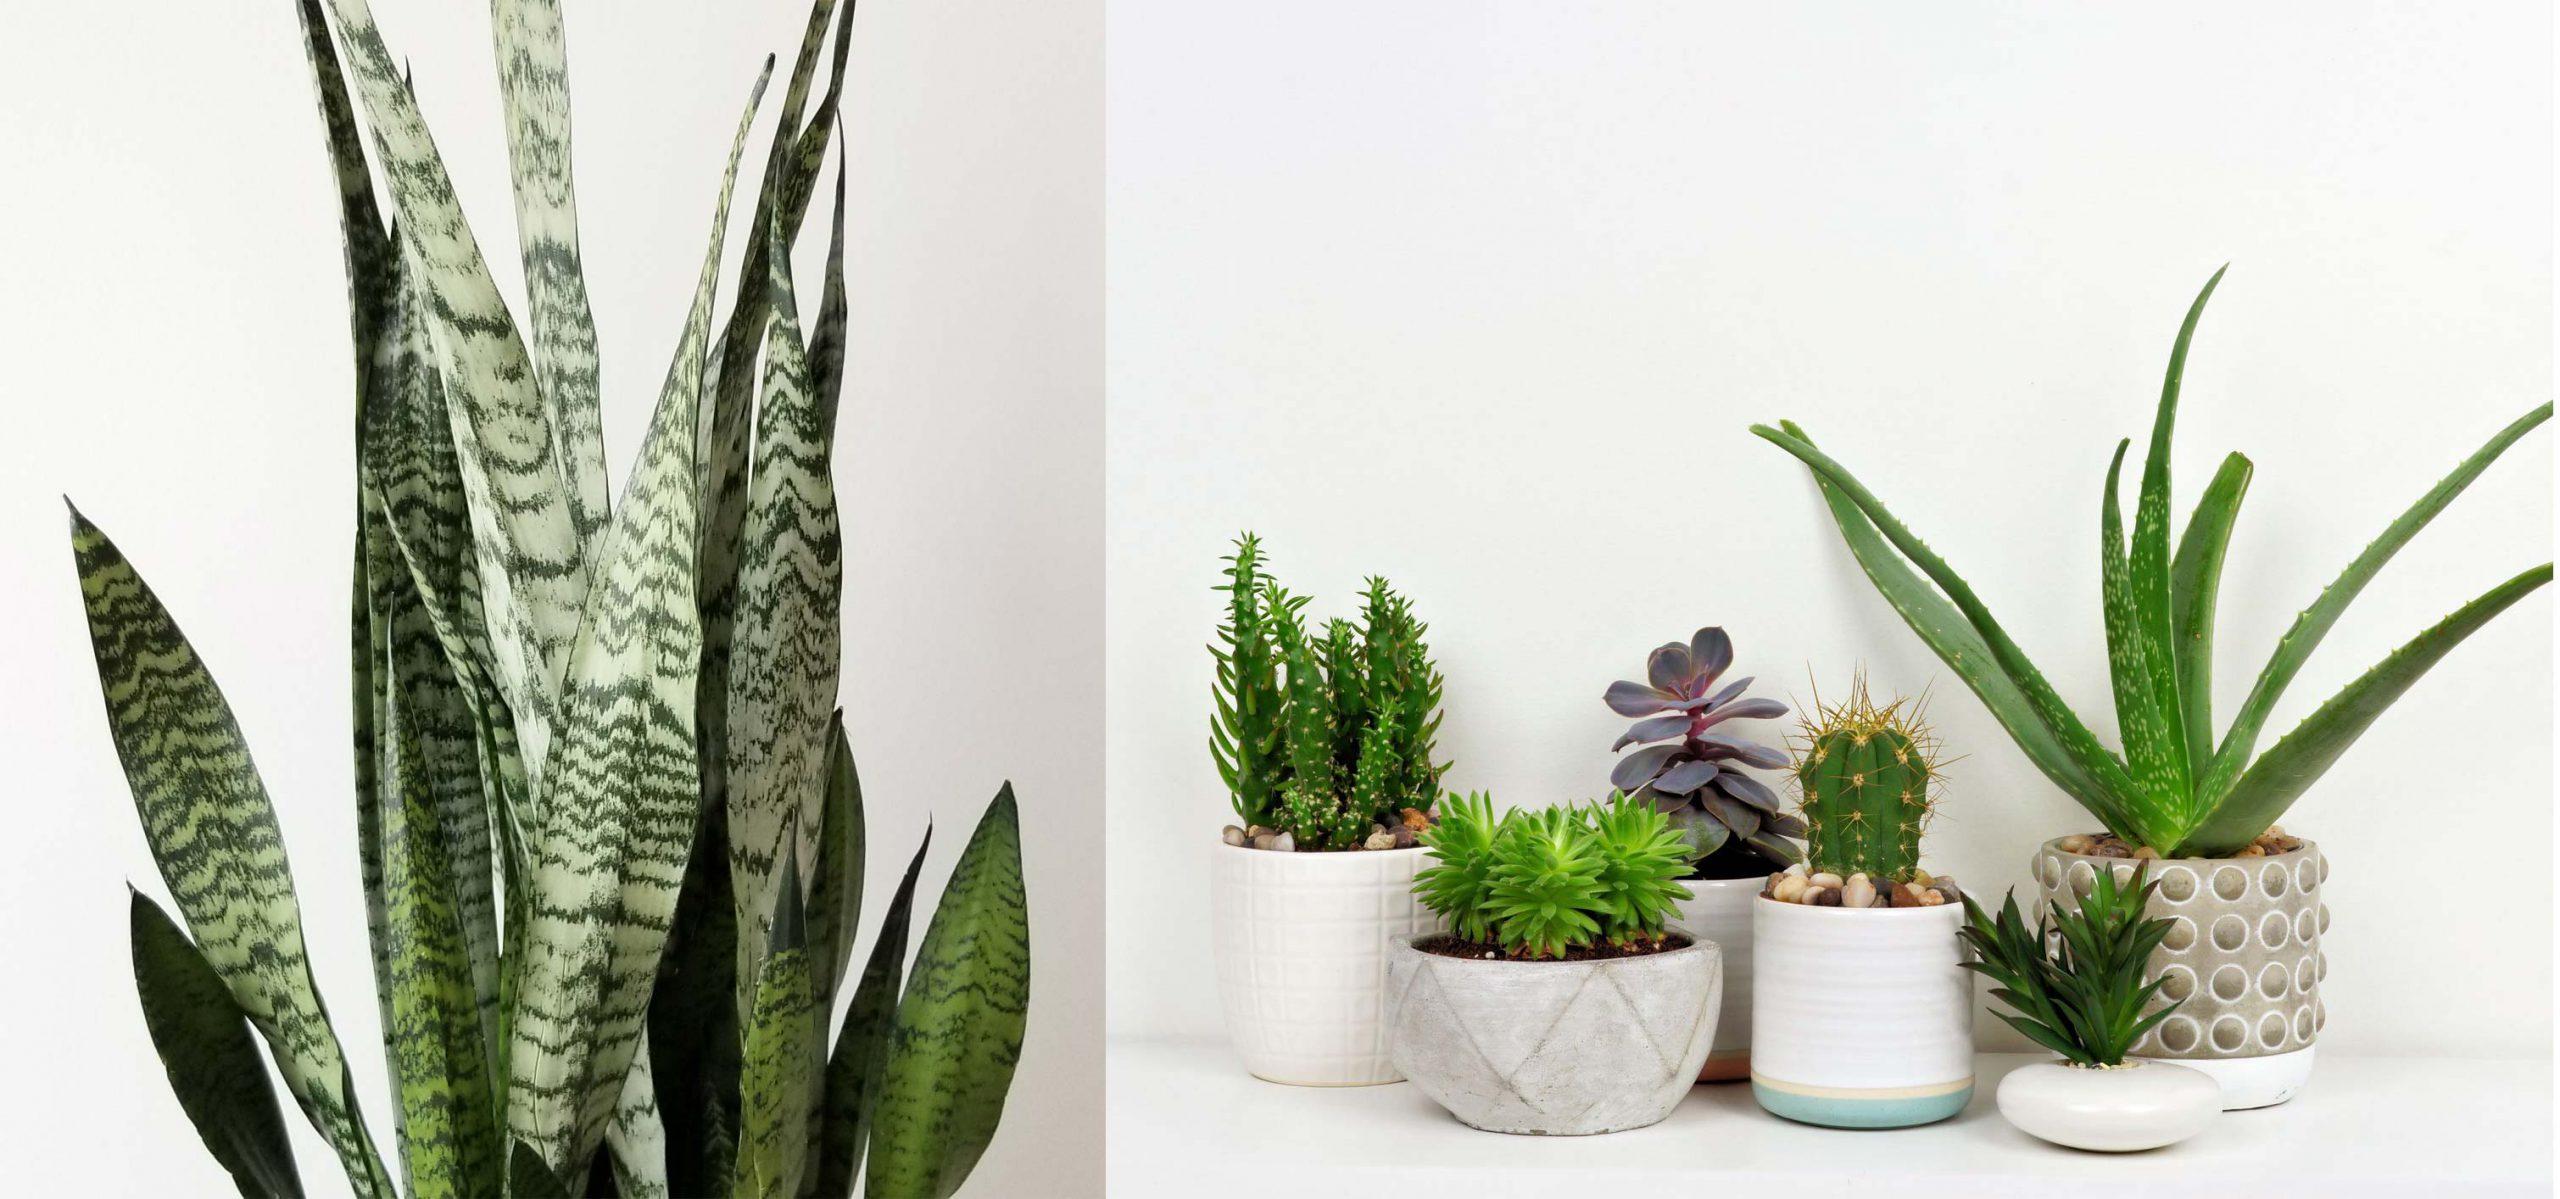 3- کاربرد و استفاده - گیاهان آپارتمانی - indoor plants - office plants - تجهیزات دکوراسیون - استفاده از گیاهان آپارتمانی - کاربرد گیاهان آپارتمانی